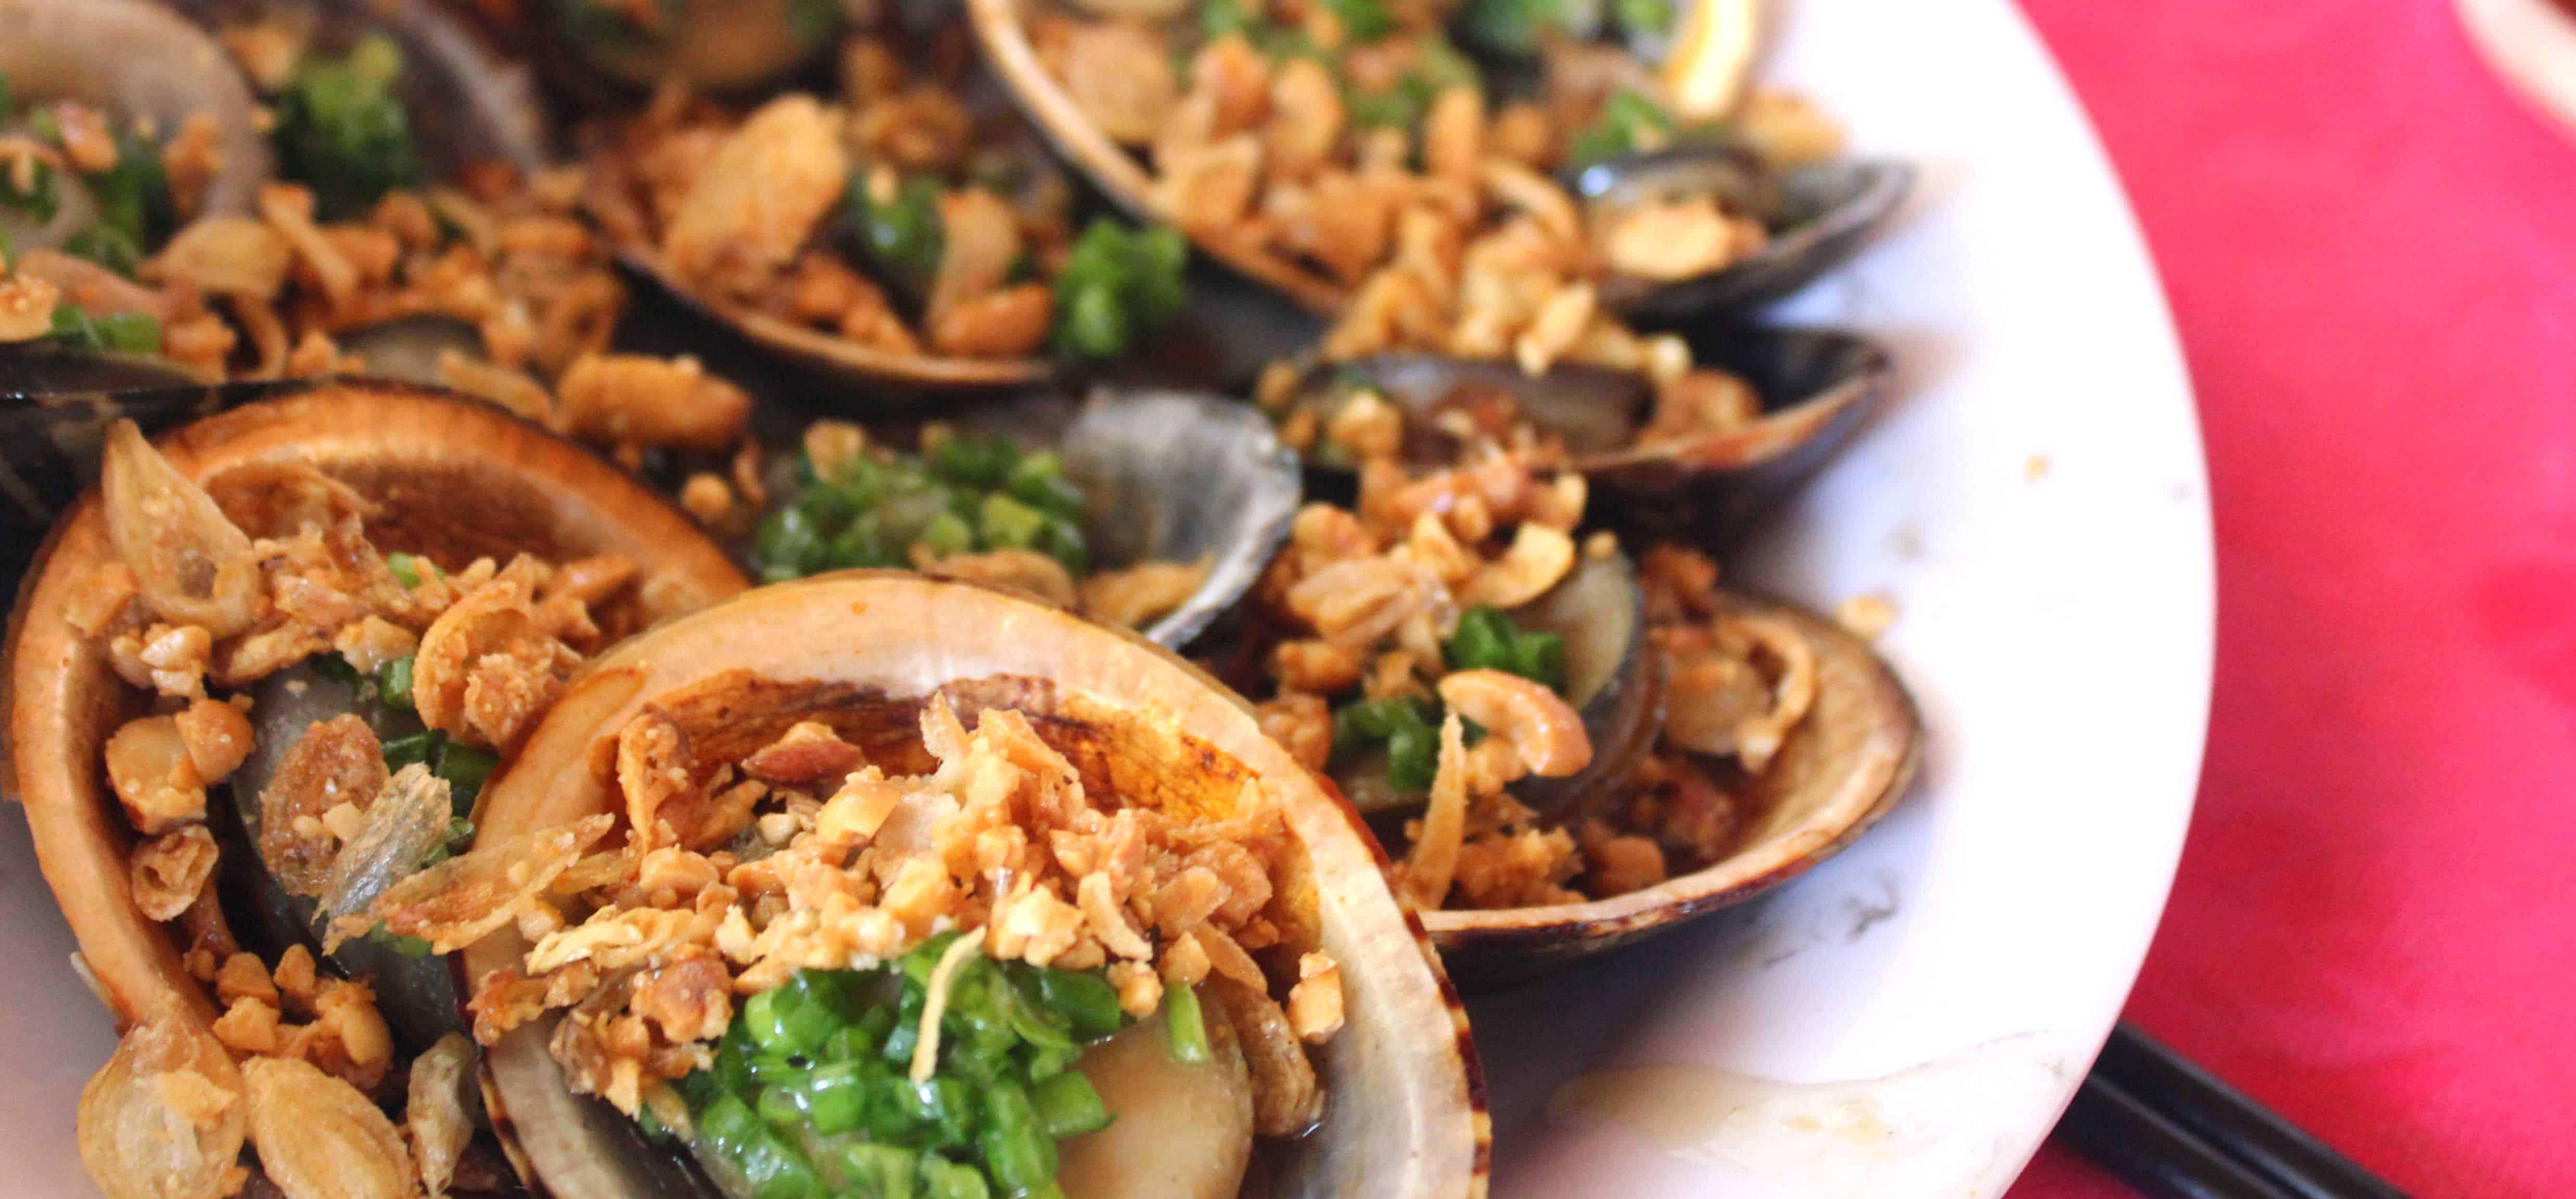 Hải sản Xuân Anh Nha Trang rất nổi tiếng với những món nướng (Ảnh ST)